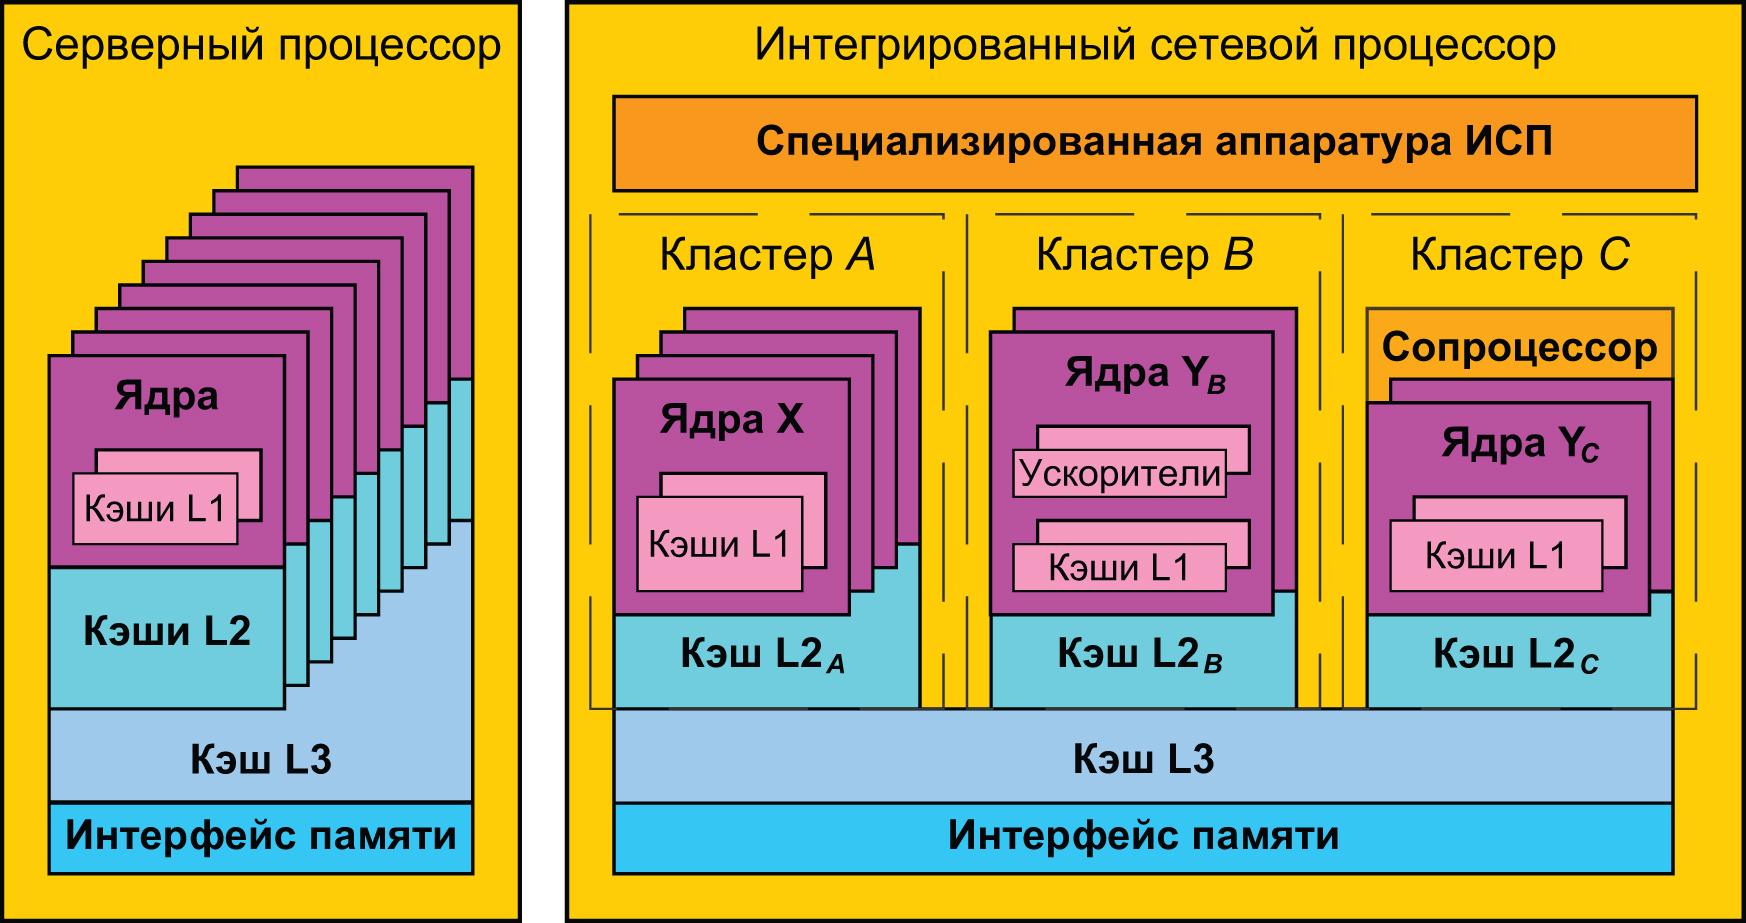 Различия в организации кэшей в серверных процессорах и ИСП